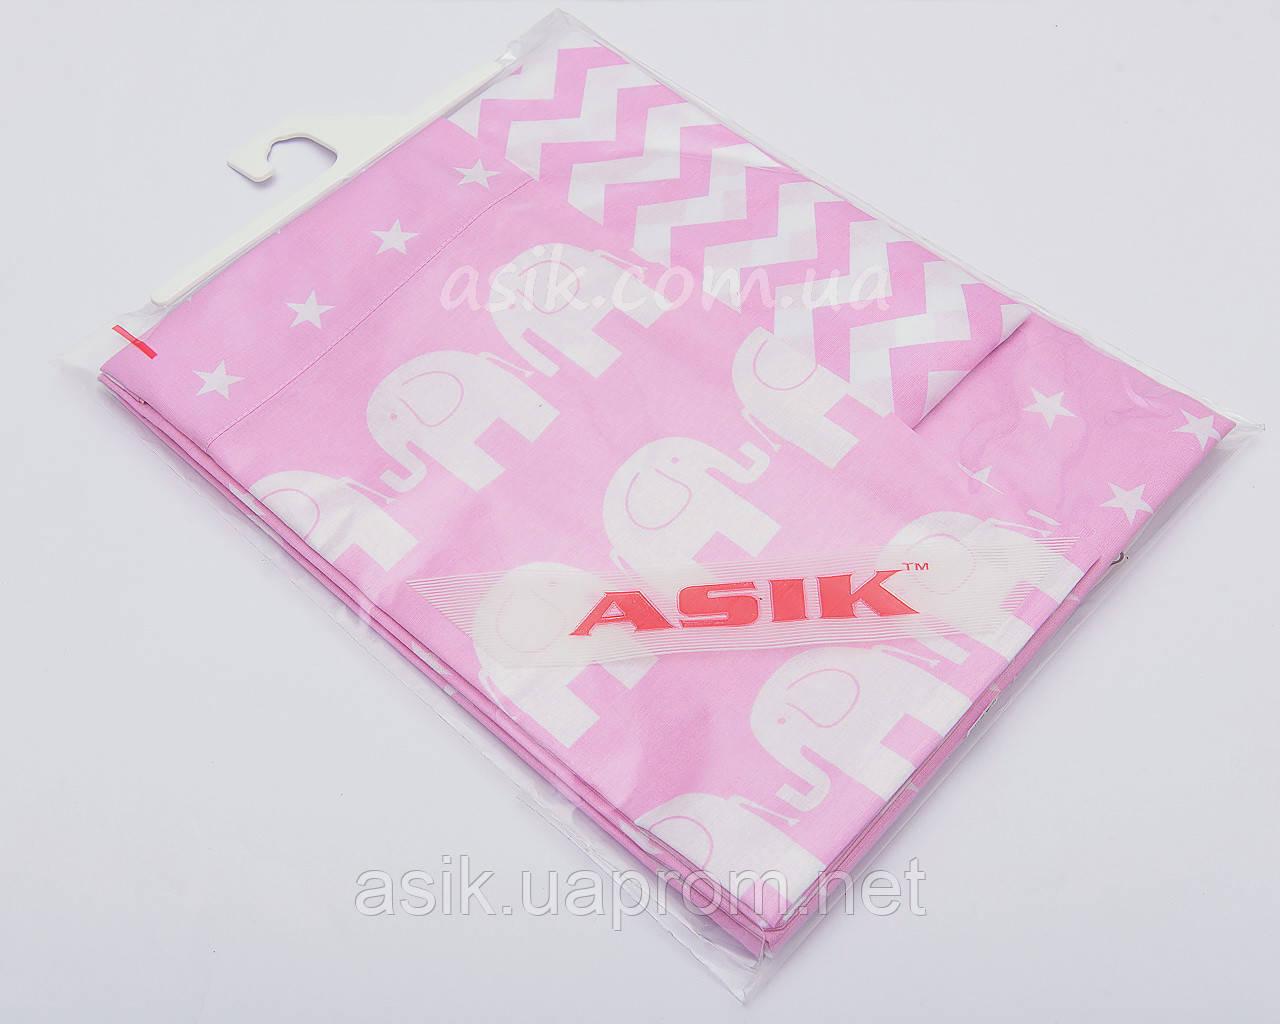 Розбірна дитяча постіль Asik Слоники зірки і зигзаг рожевого кольору 3 предмета (З-0003)